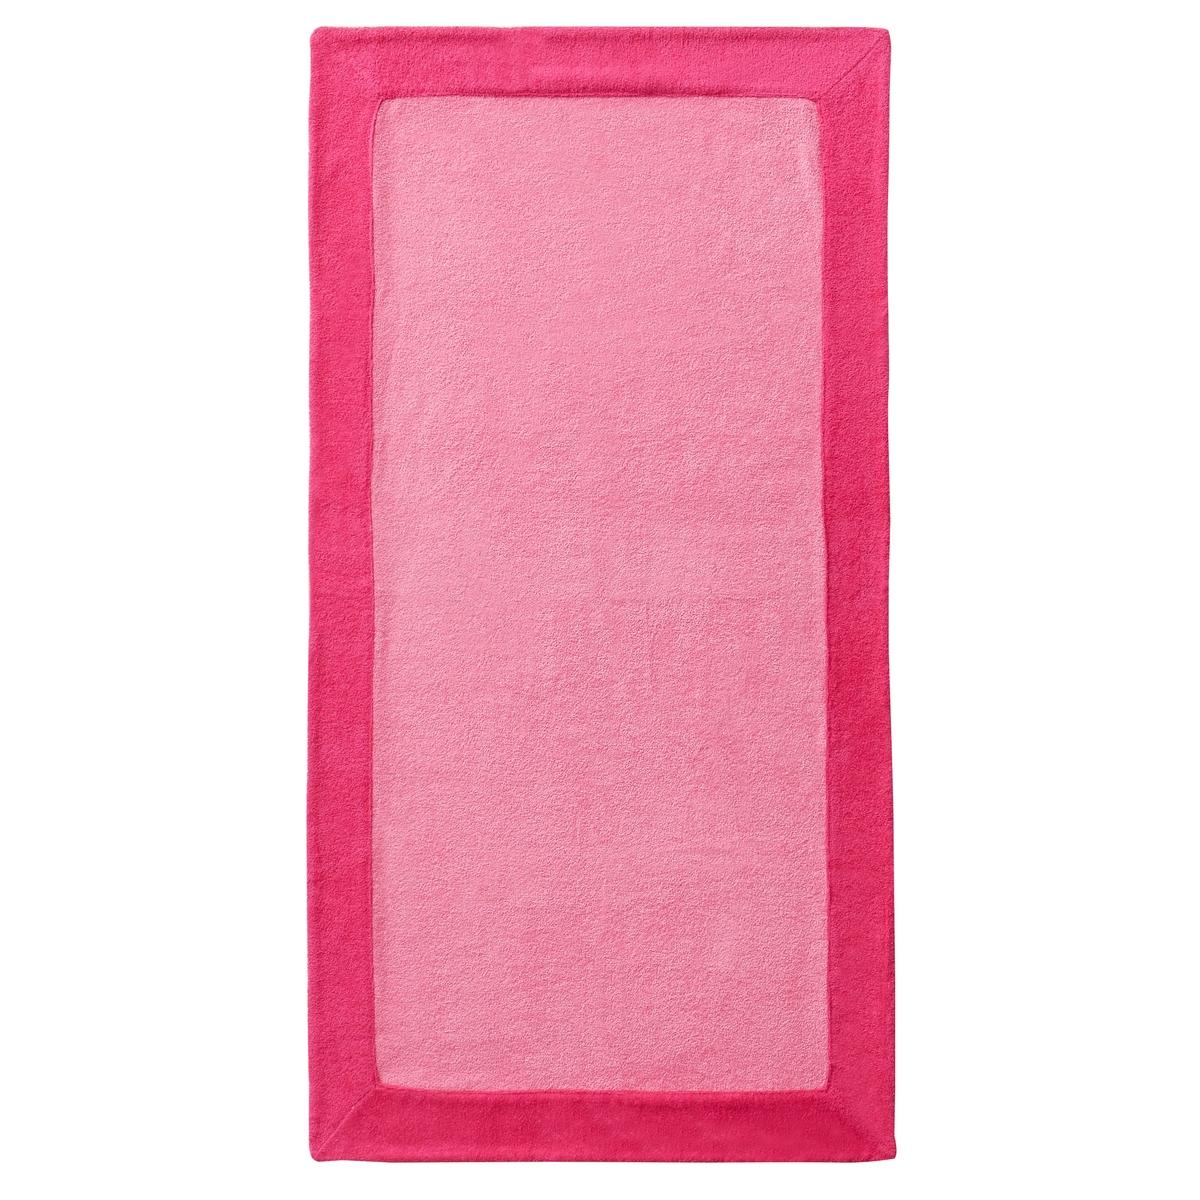 Полотенце пляжное FashionataПолотенце пляжное FashionataХарактеристики пляжного полотенца Fashionata :Махровая ткань, 100% хлопок.490 г/м?.Машинная стирка при 60 °С.Размеры пляжного полотенца Fashionata :90 x 170 см<br><br>Цвет: розовый<br>Размер: единый размер